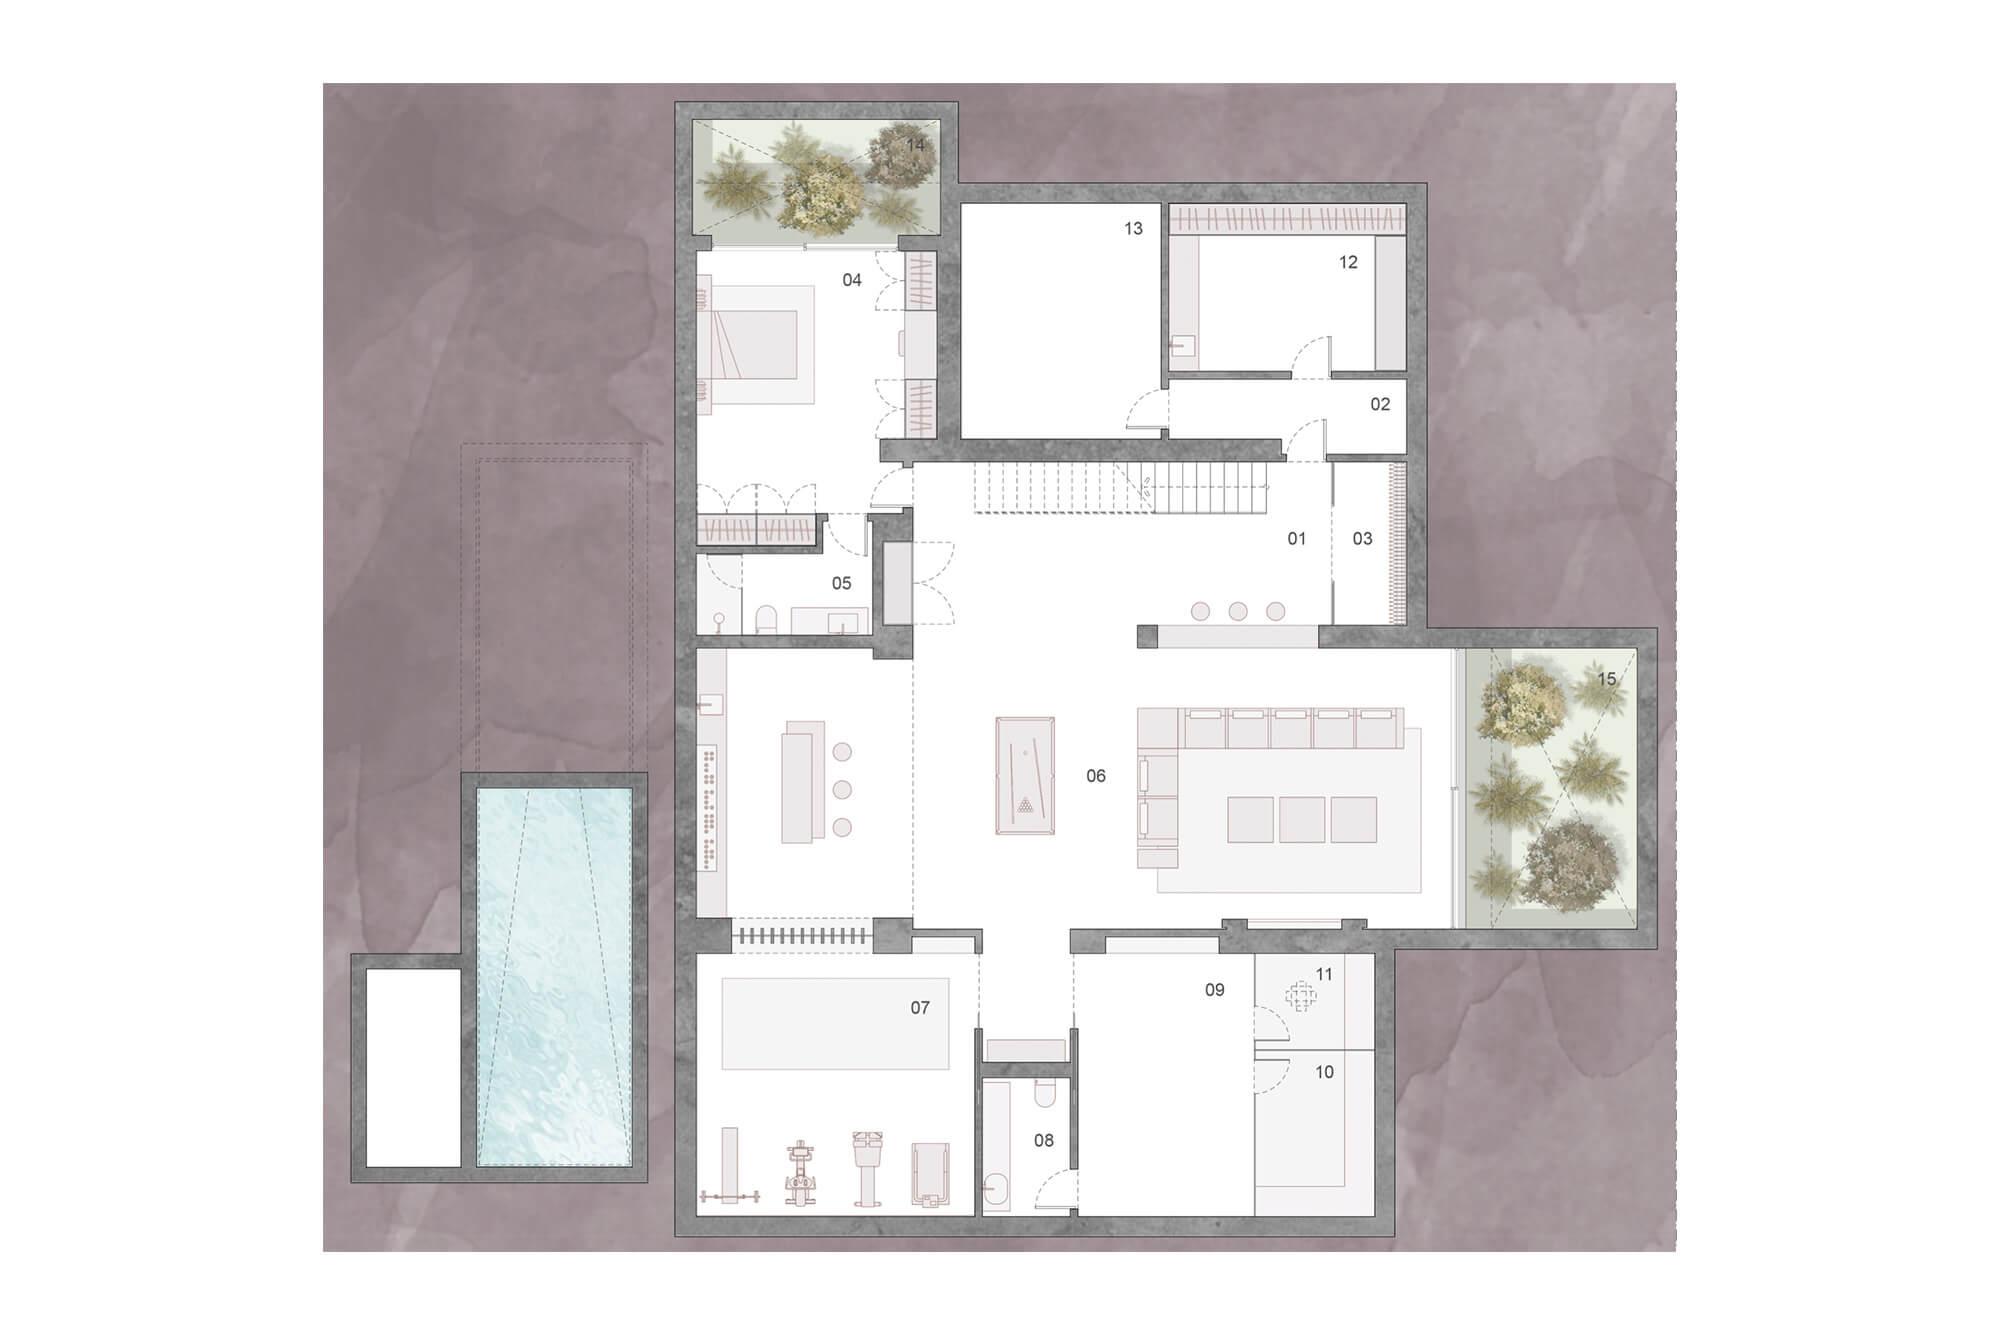 cortijo blanco beach villa vamoz te koop marbella costa del sol spanje nieuwbouw grondplan 3 kelder